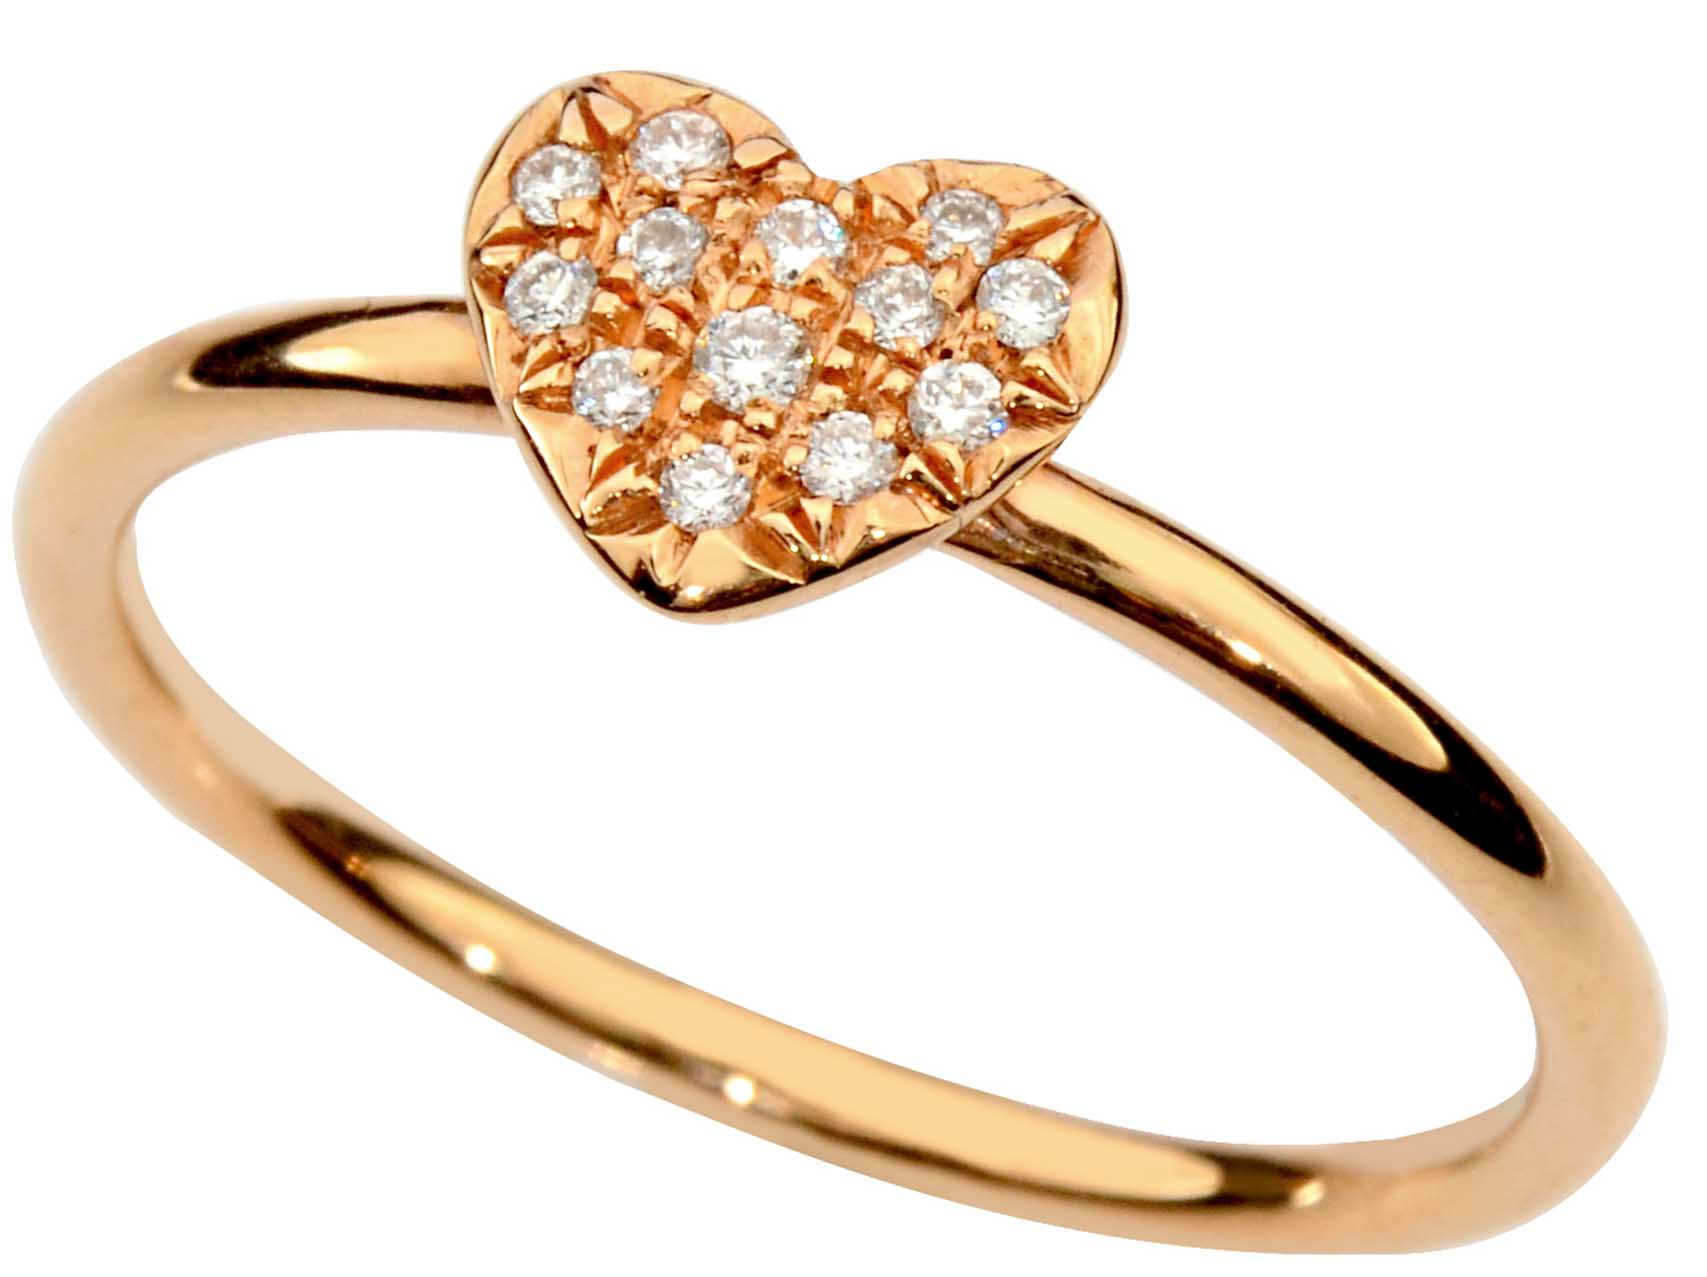 ולנטיין דיי 2020, טבעת לב miller, מגזין אופנה